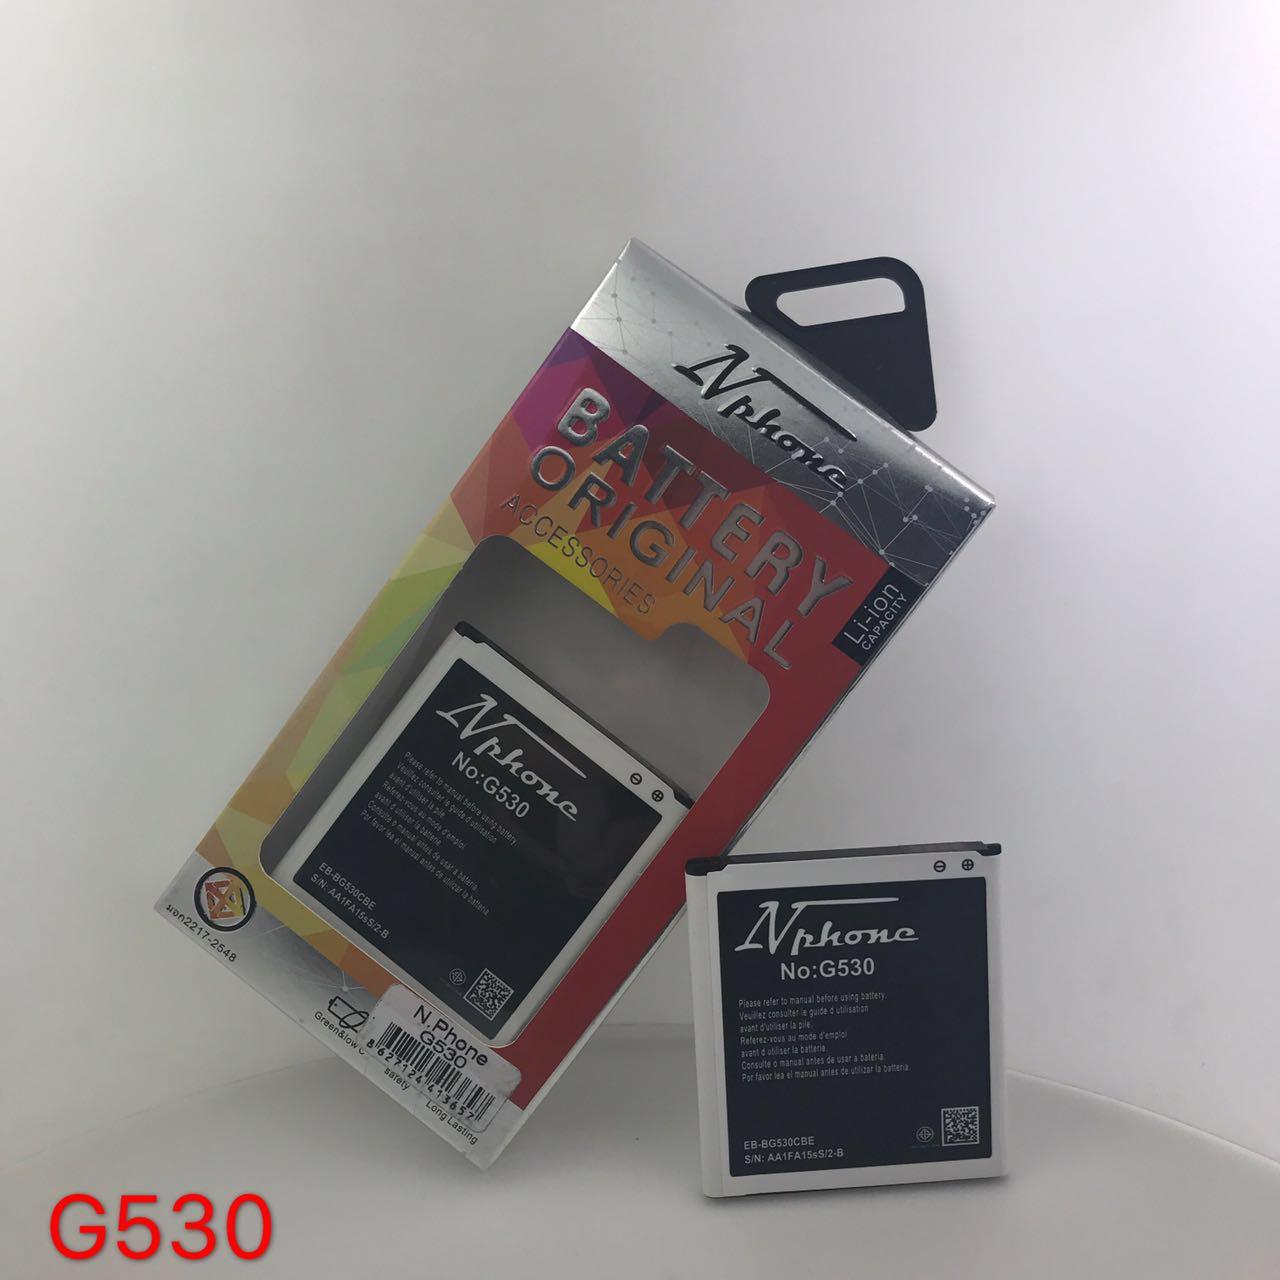 แบตเตอร์รี่ งานบริษัท ( มี มอก ไส้เต็ม ) Samsung Galaxy Grand Prime // G530